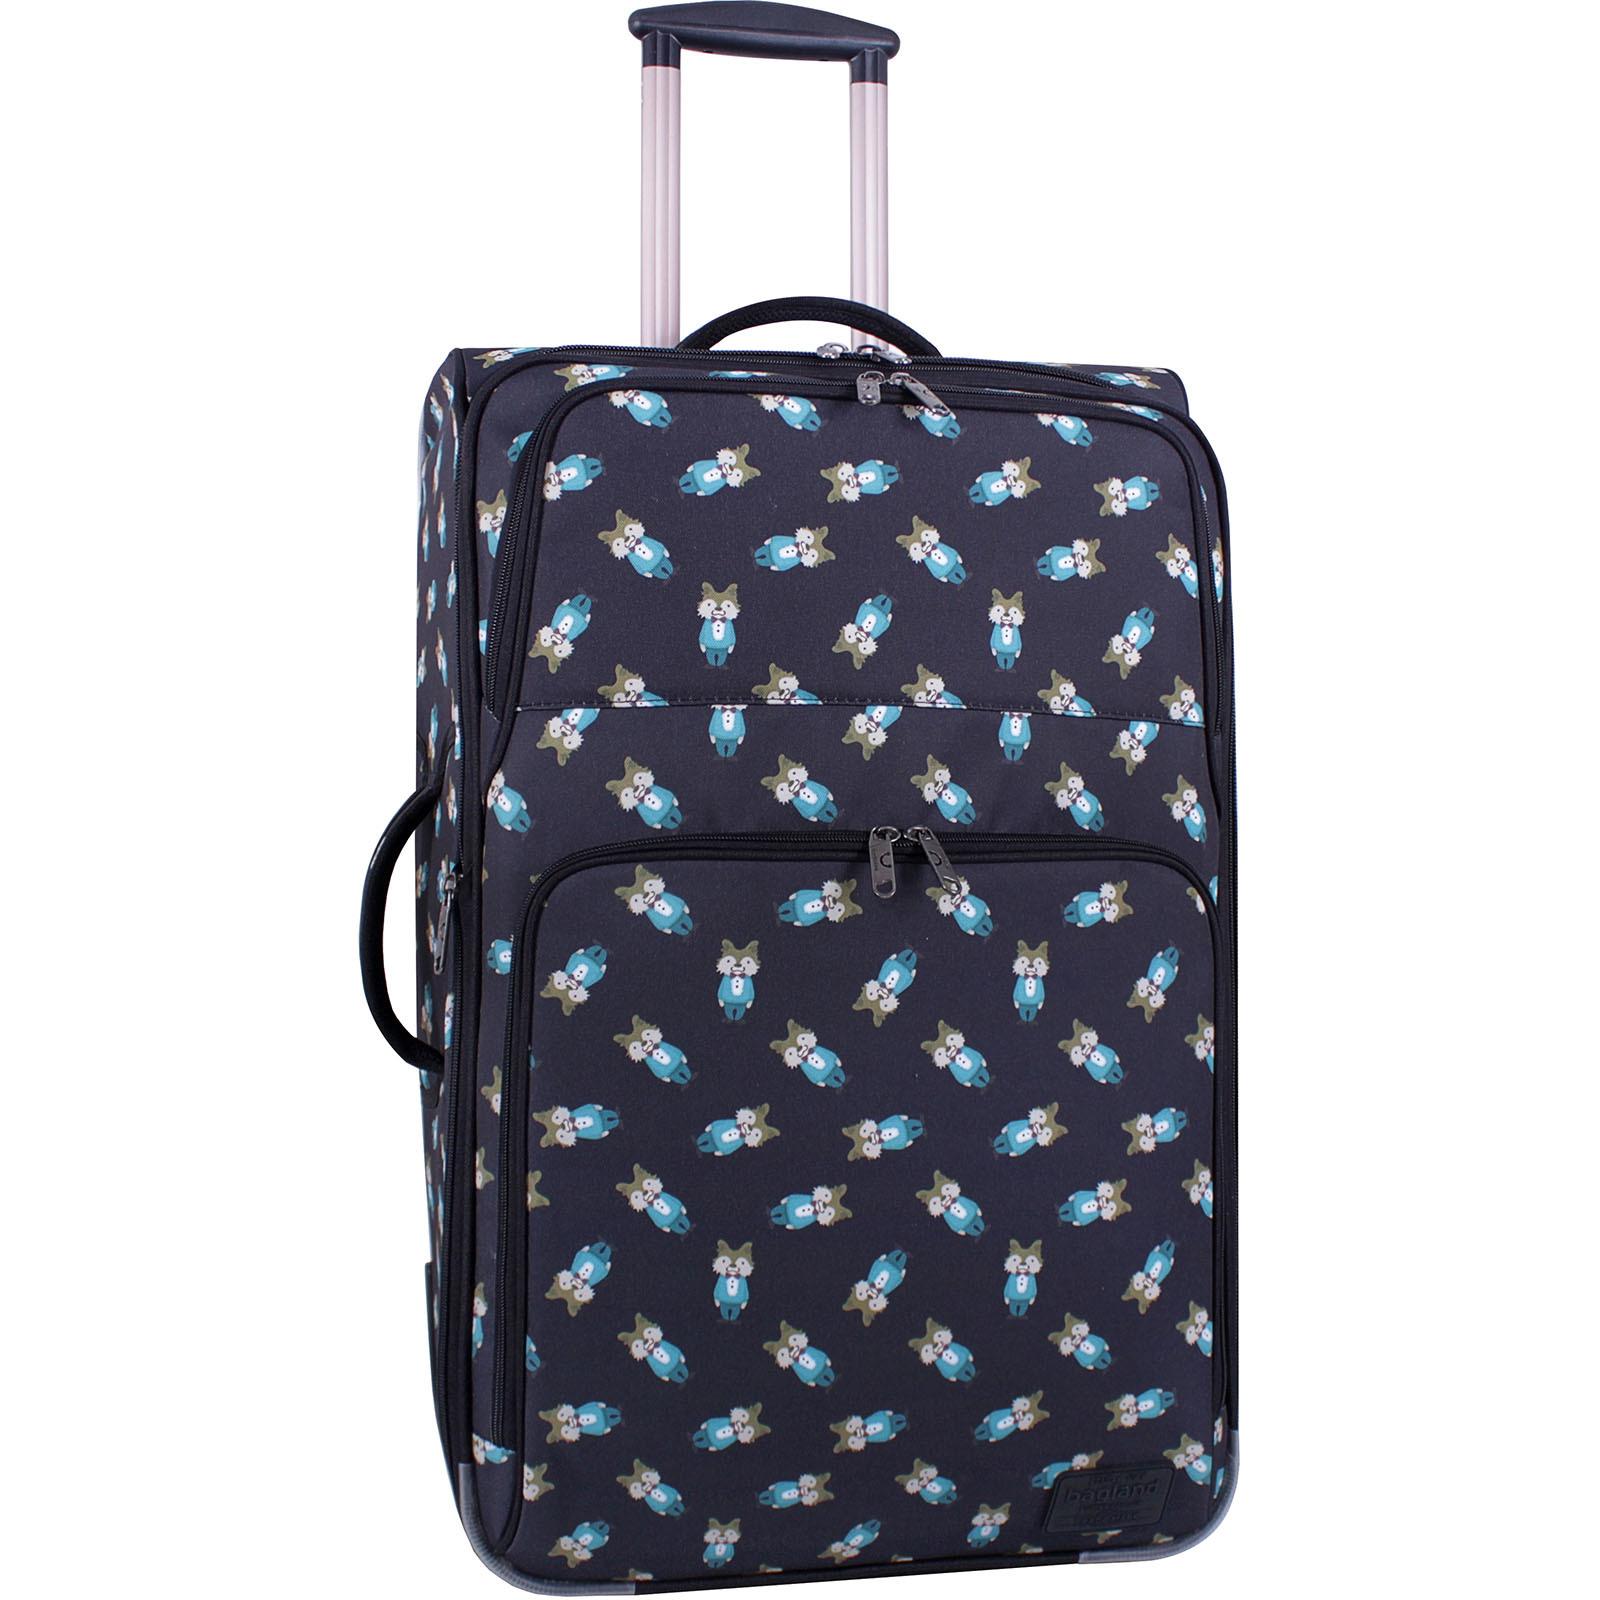 Дорожные чемоданы Чемодан Bagland Леон большой дизайн 70 л. сублимация (бурундуки) (0037666274) IMG_3523_суб.61_.JPG